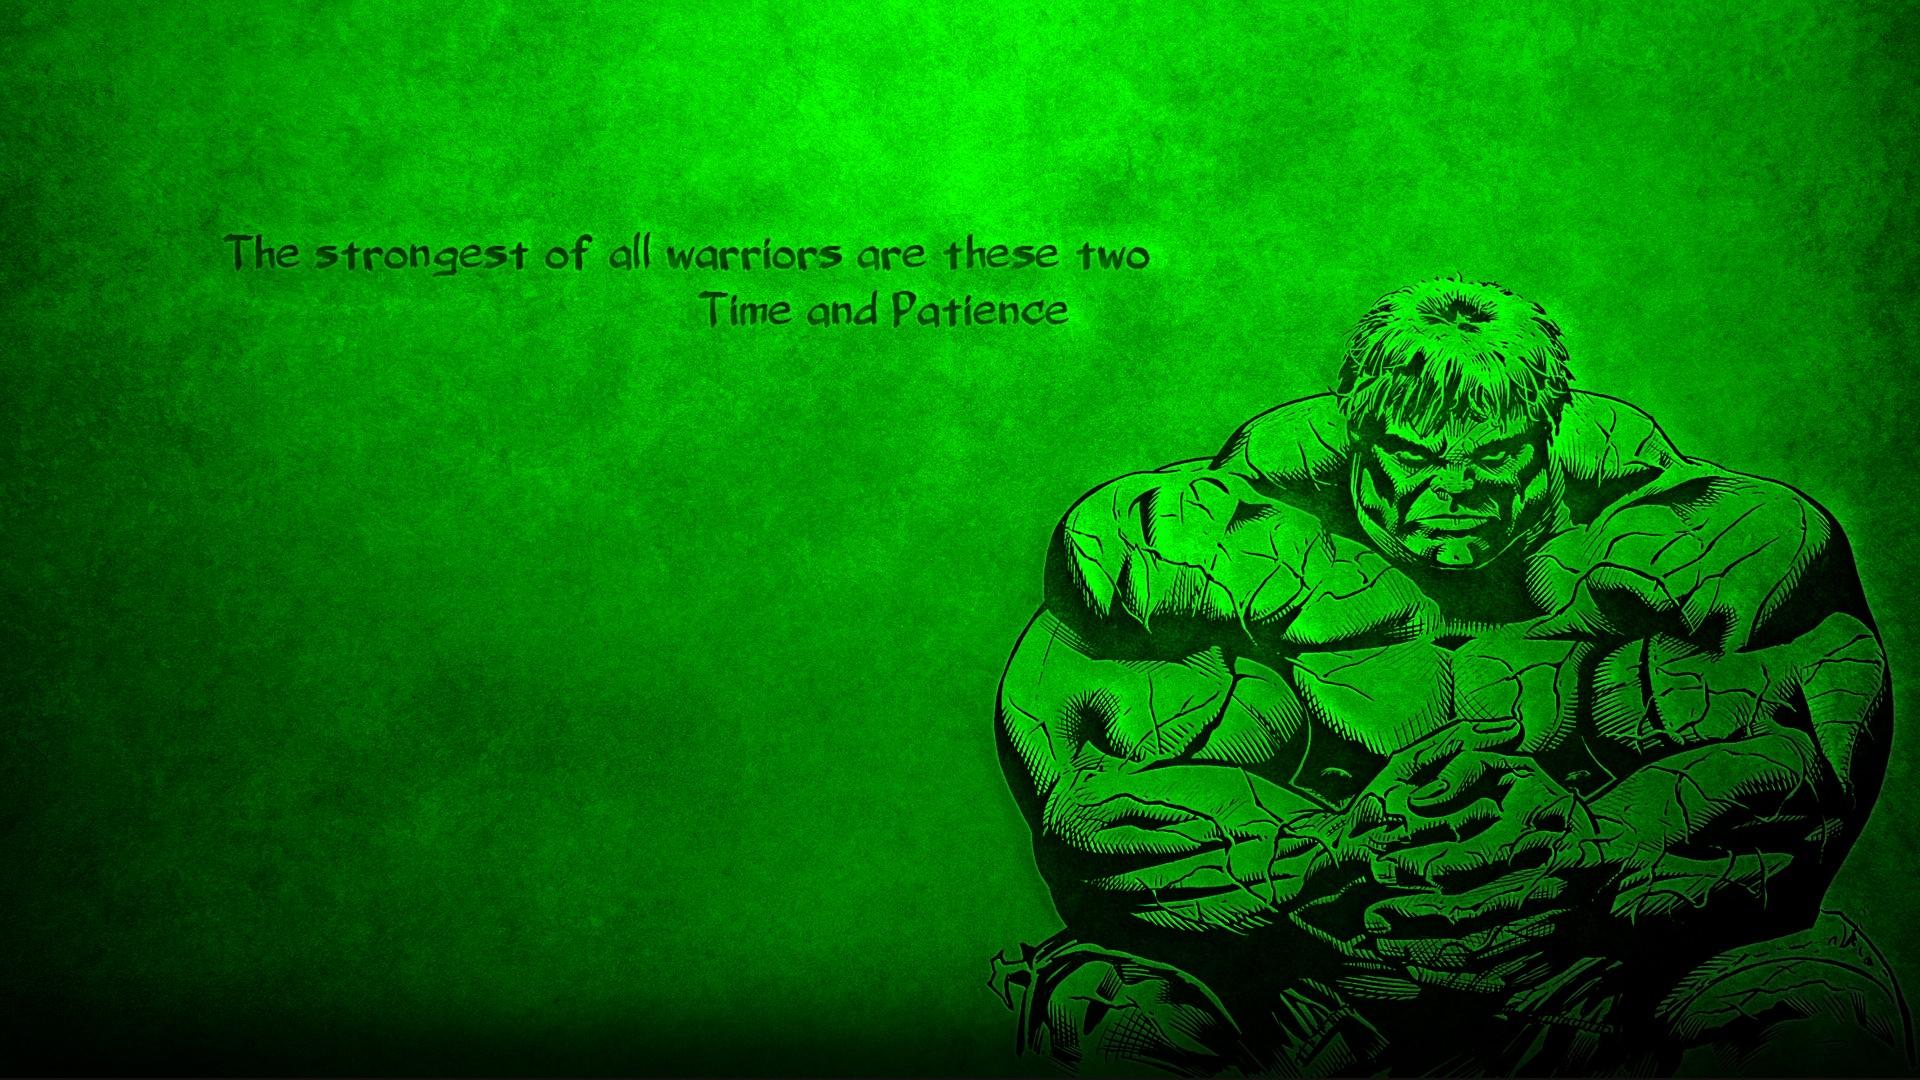 Wallpaper : 1920x1080 px, green, Hulk, quote 1920x1080 ...